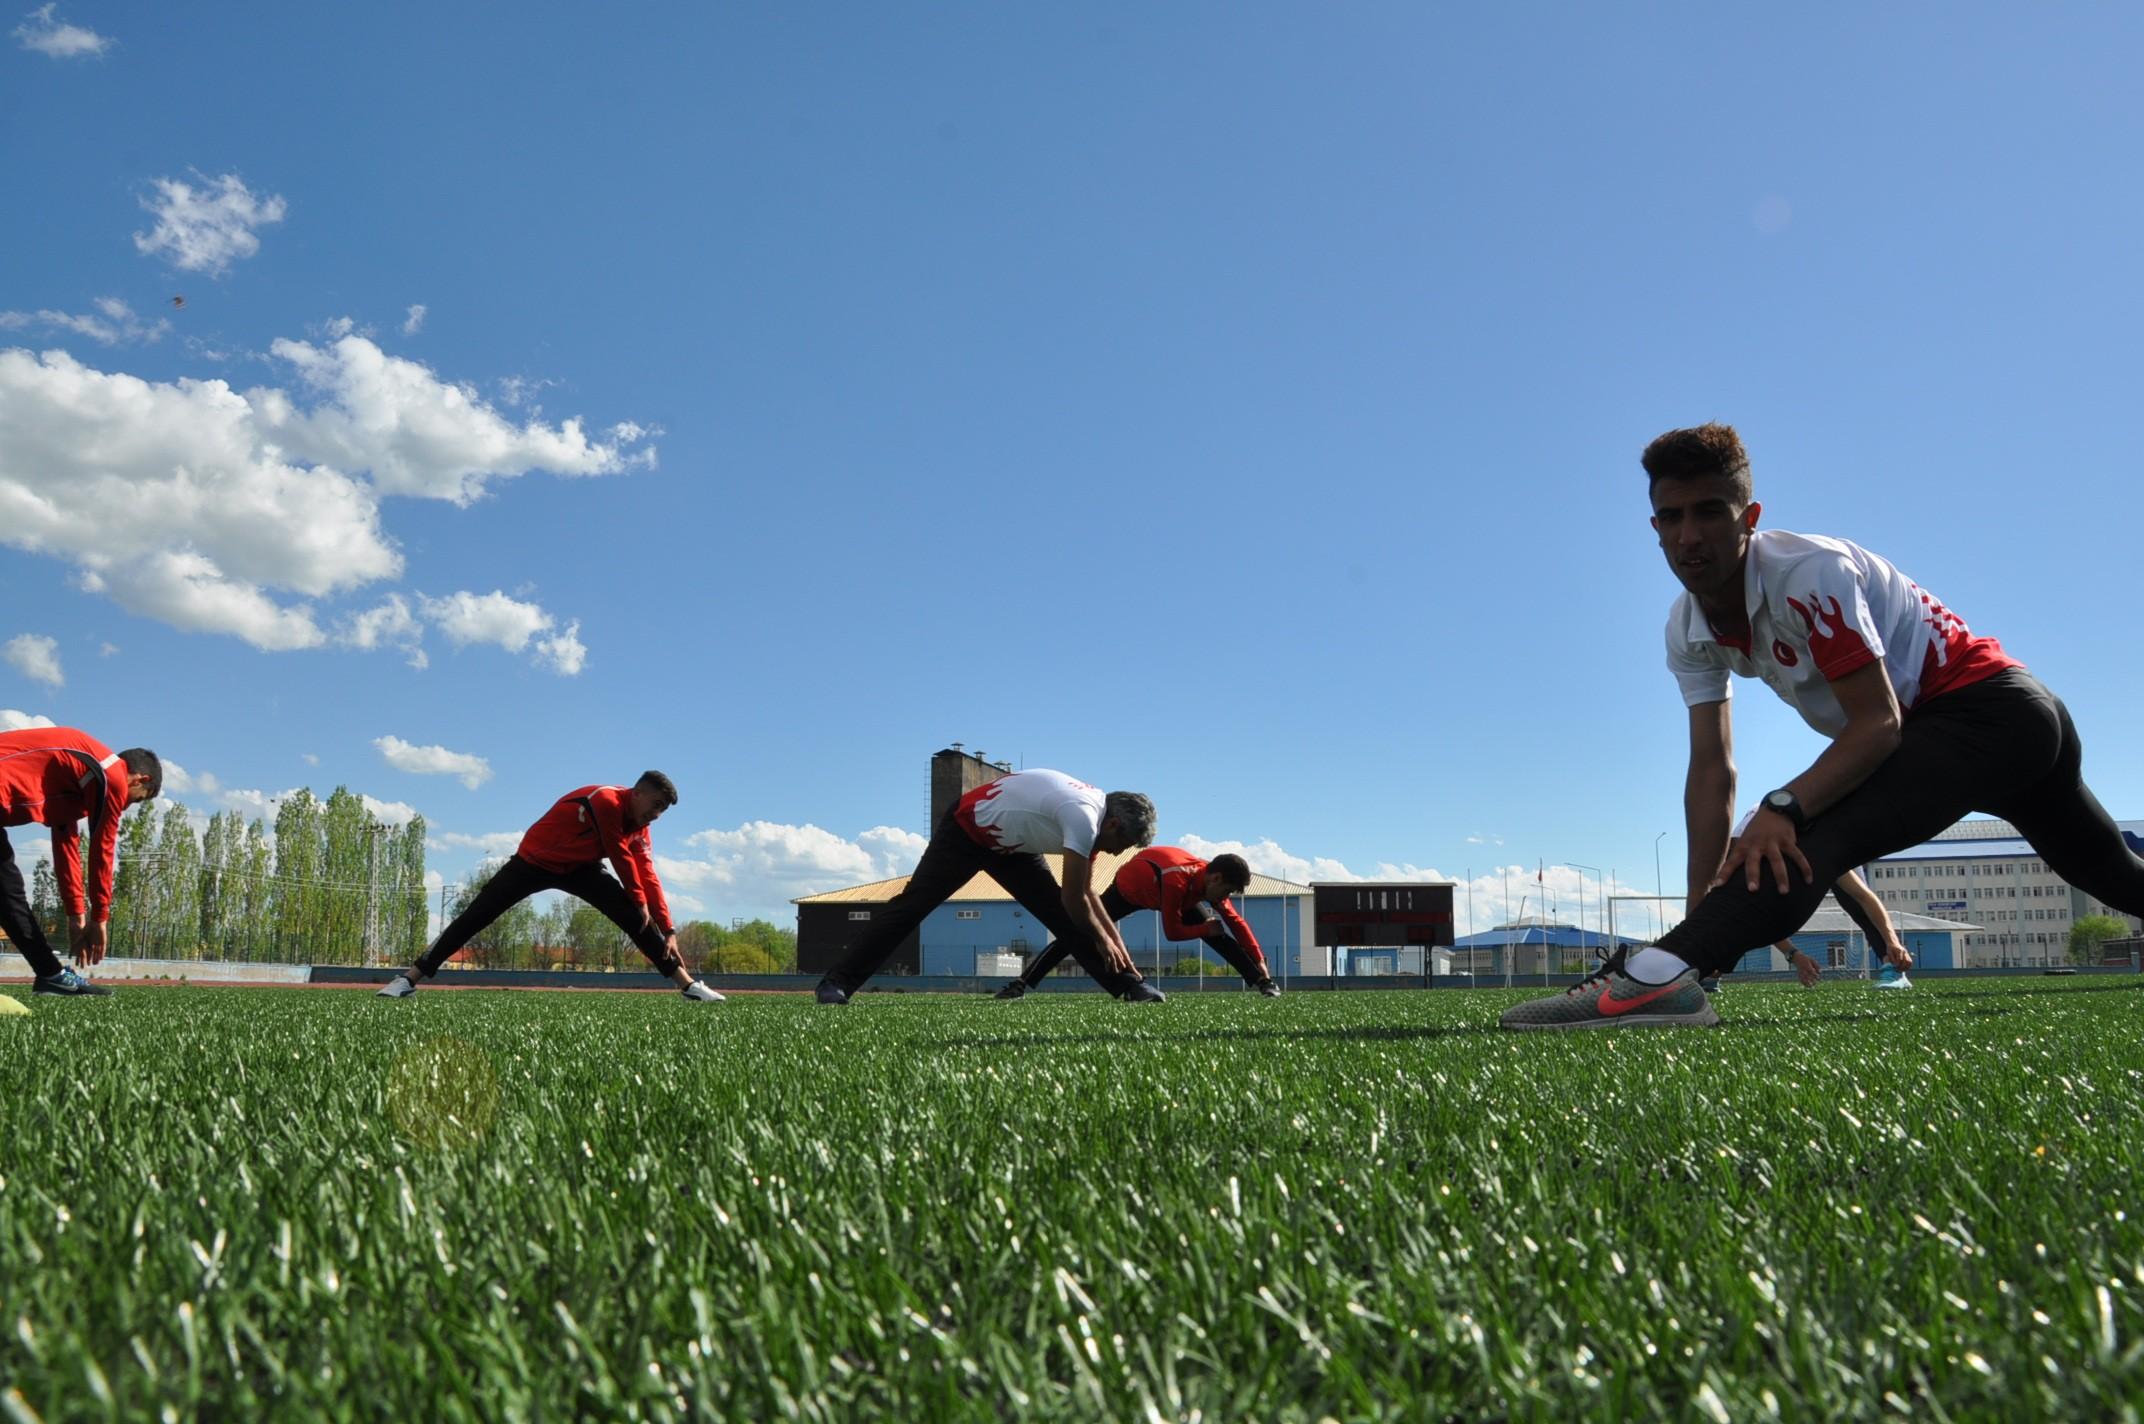 karsli-milli-atletler,-calismalarini-bayramda-da-surduruyor-(6)-001.jpg